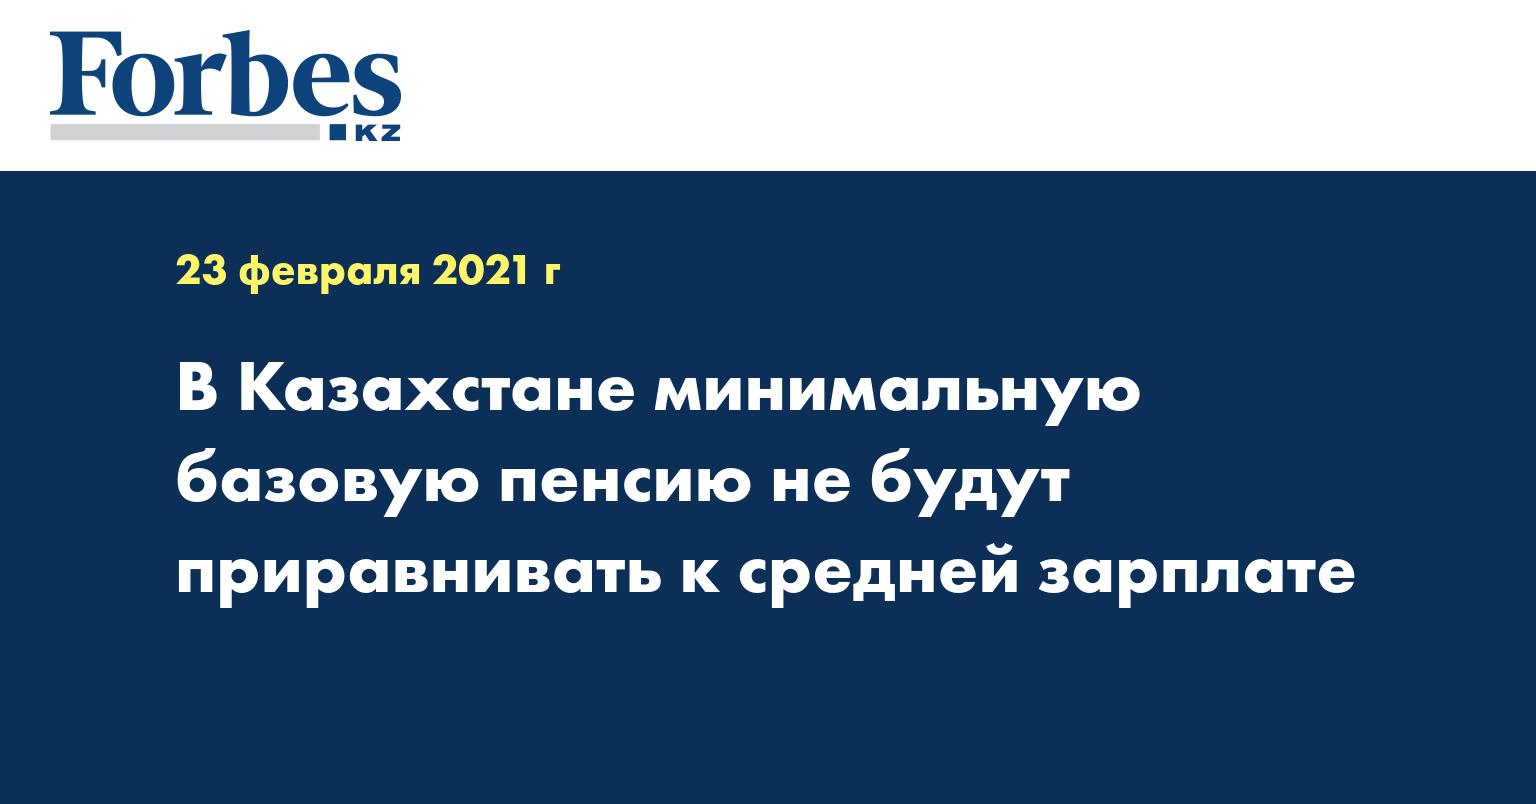 В Казахстане минимальную базовую пенсию не будут приравнивать к средней зарплате